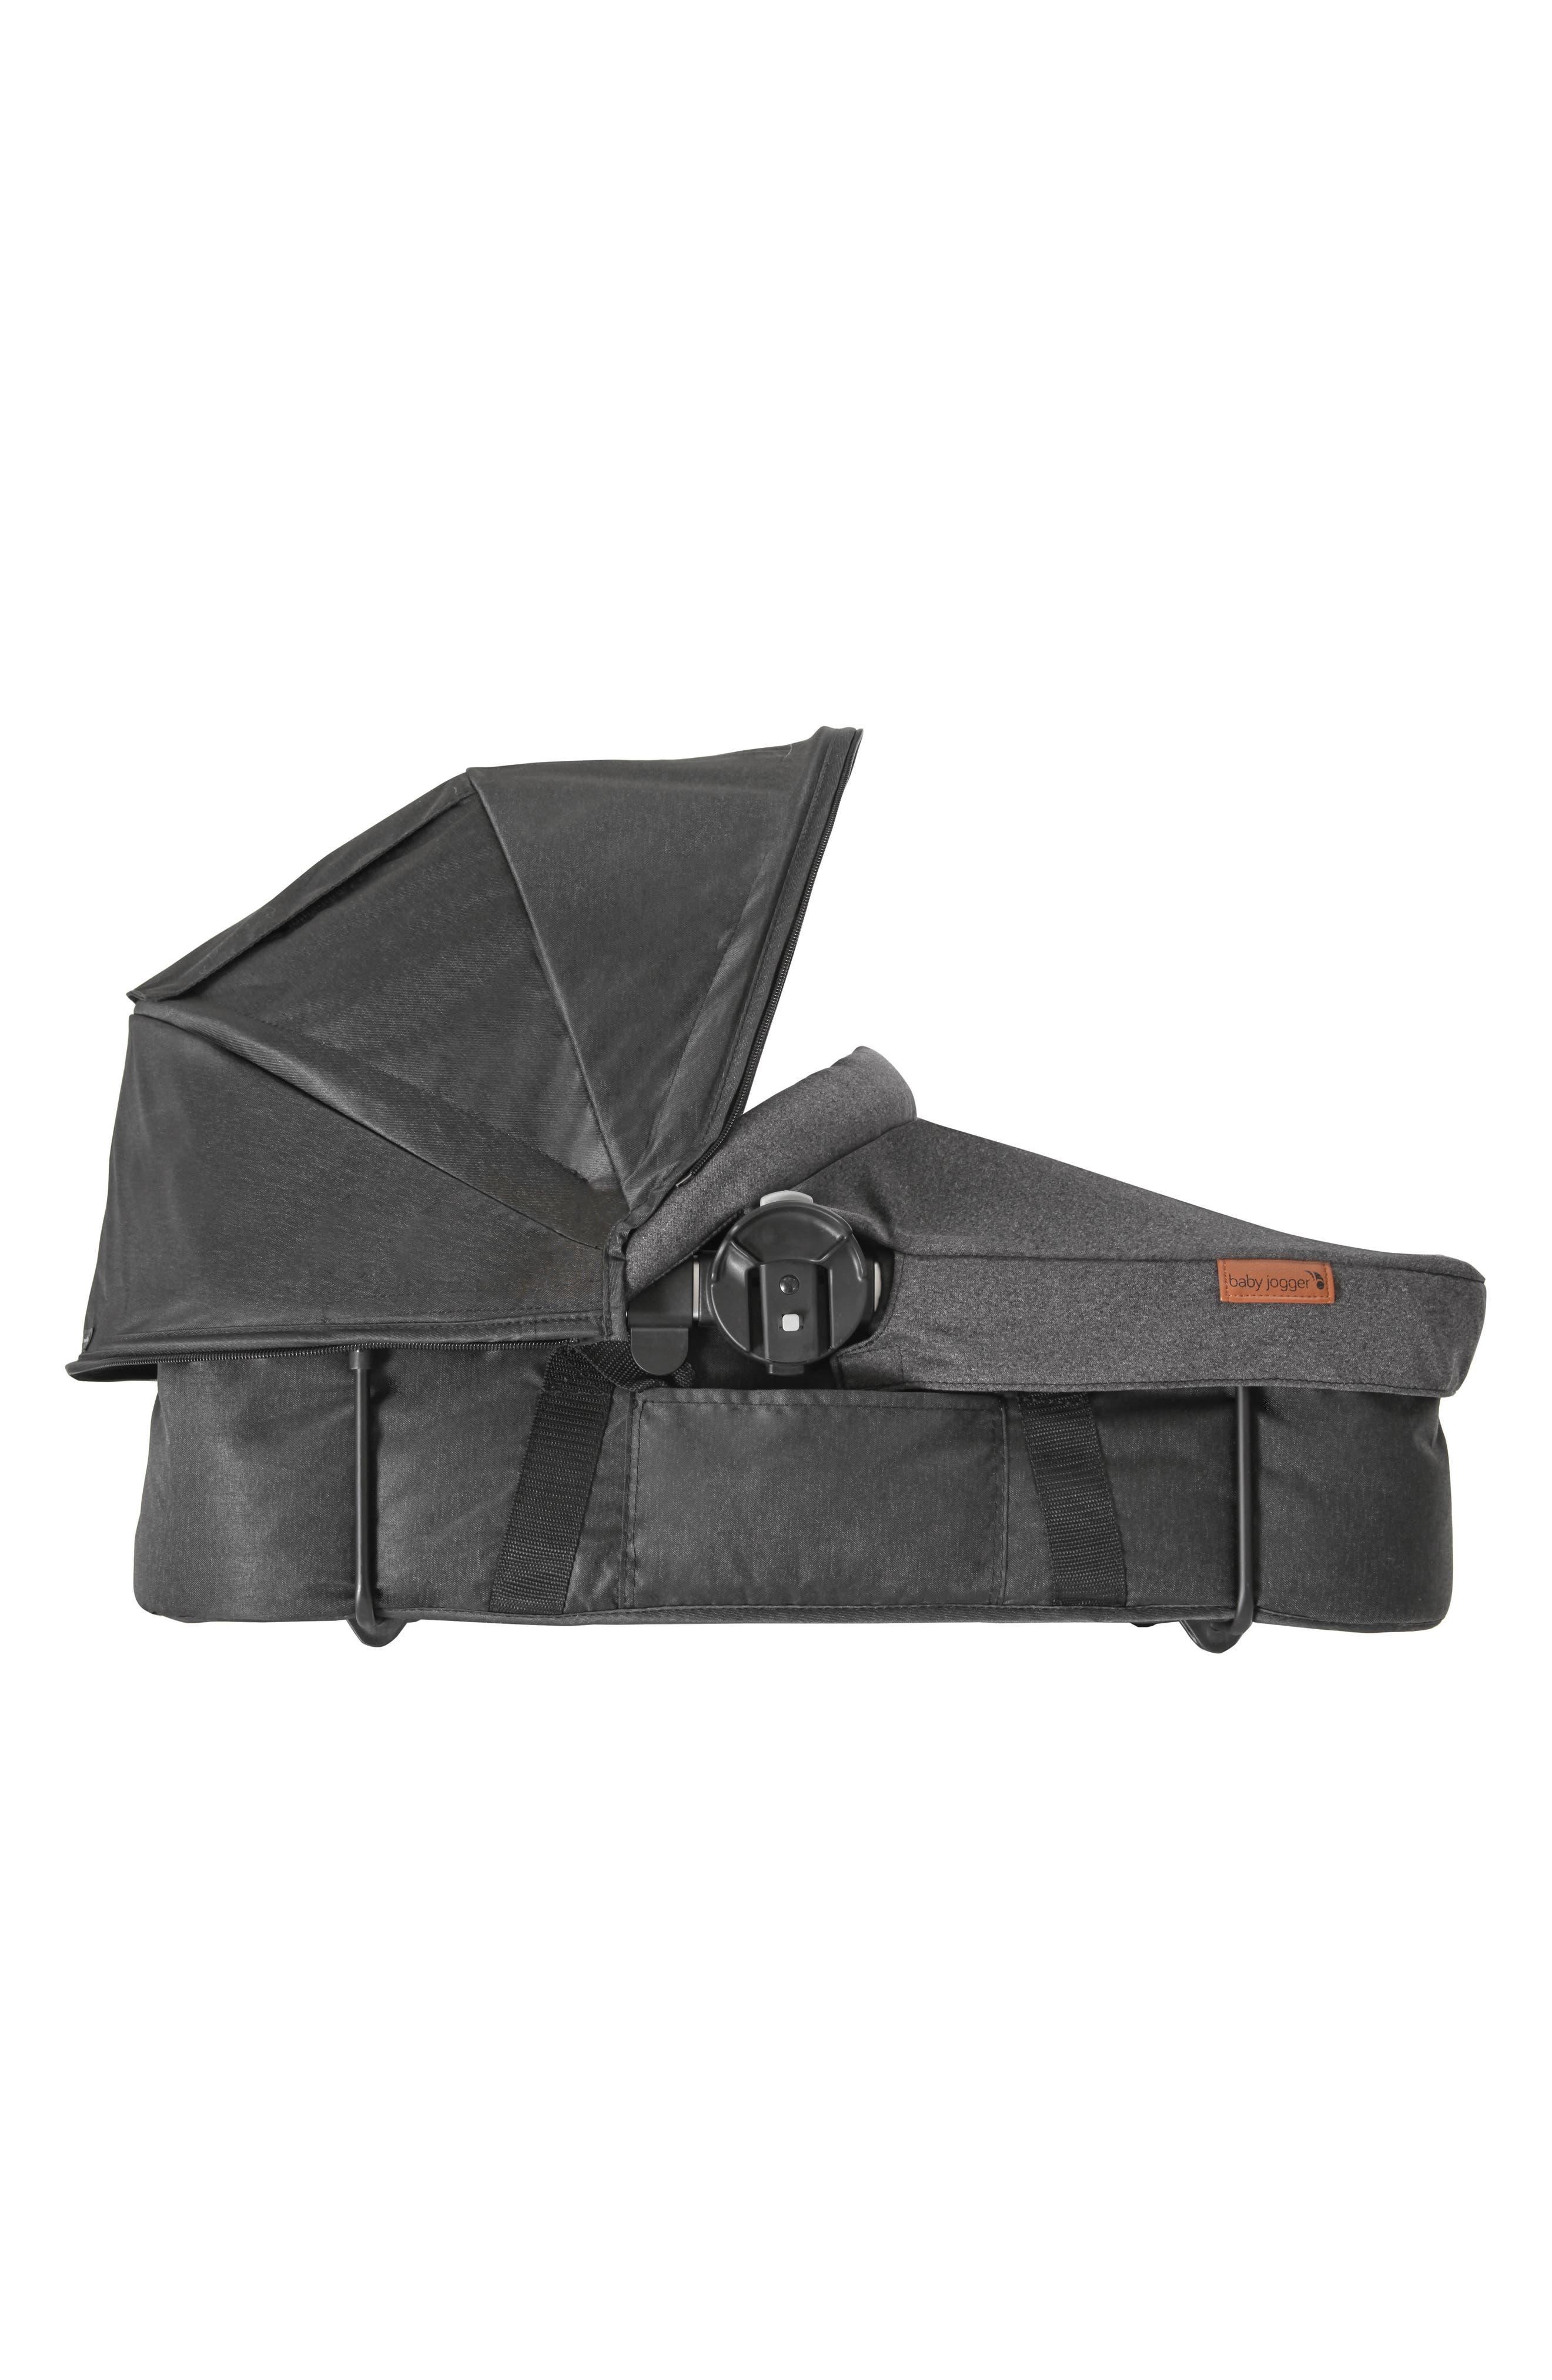 Deluxe Pram Converter Kit for City Select<sup>®</sup> 2018 Stroller,                             Alternate thumbnail 2, color,                             020